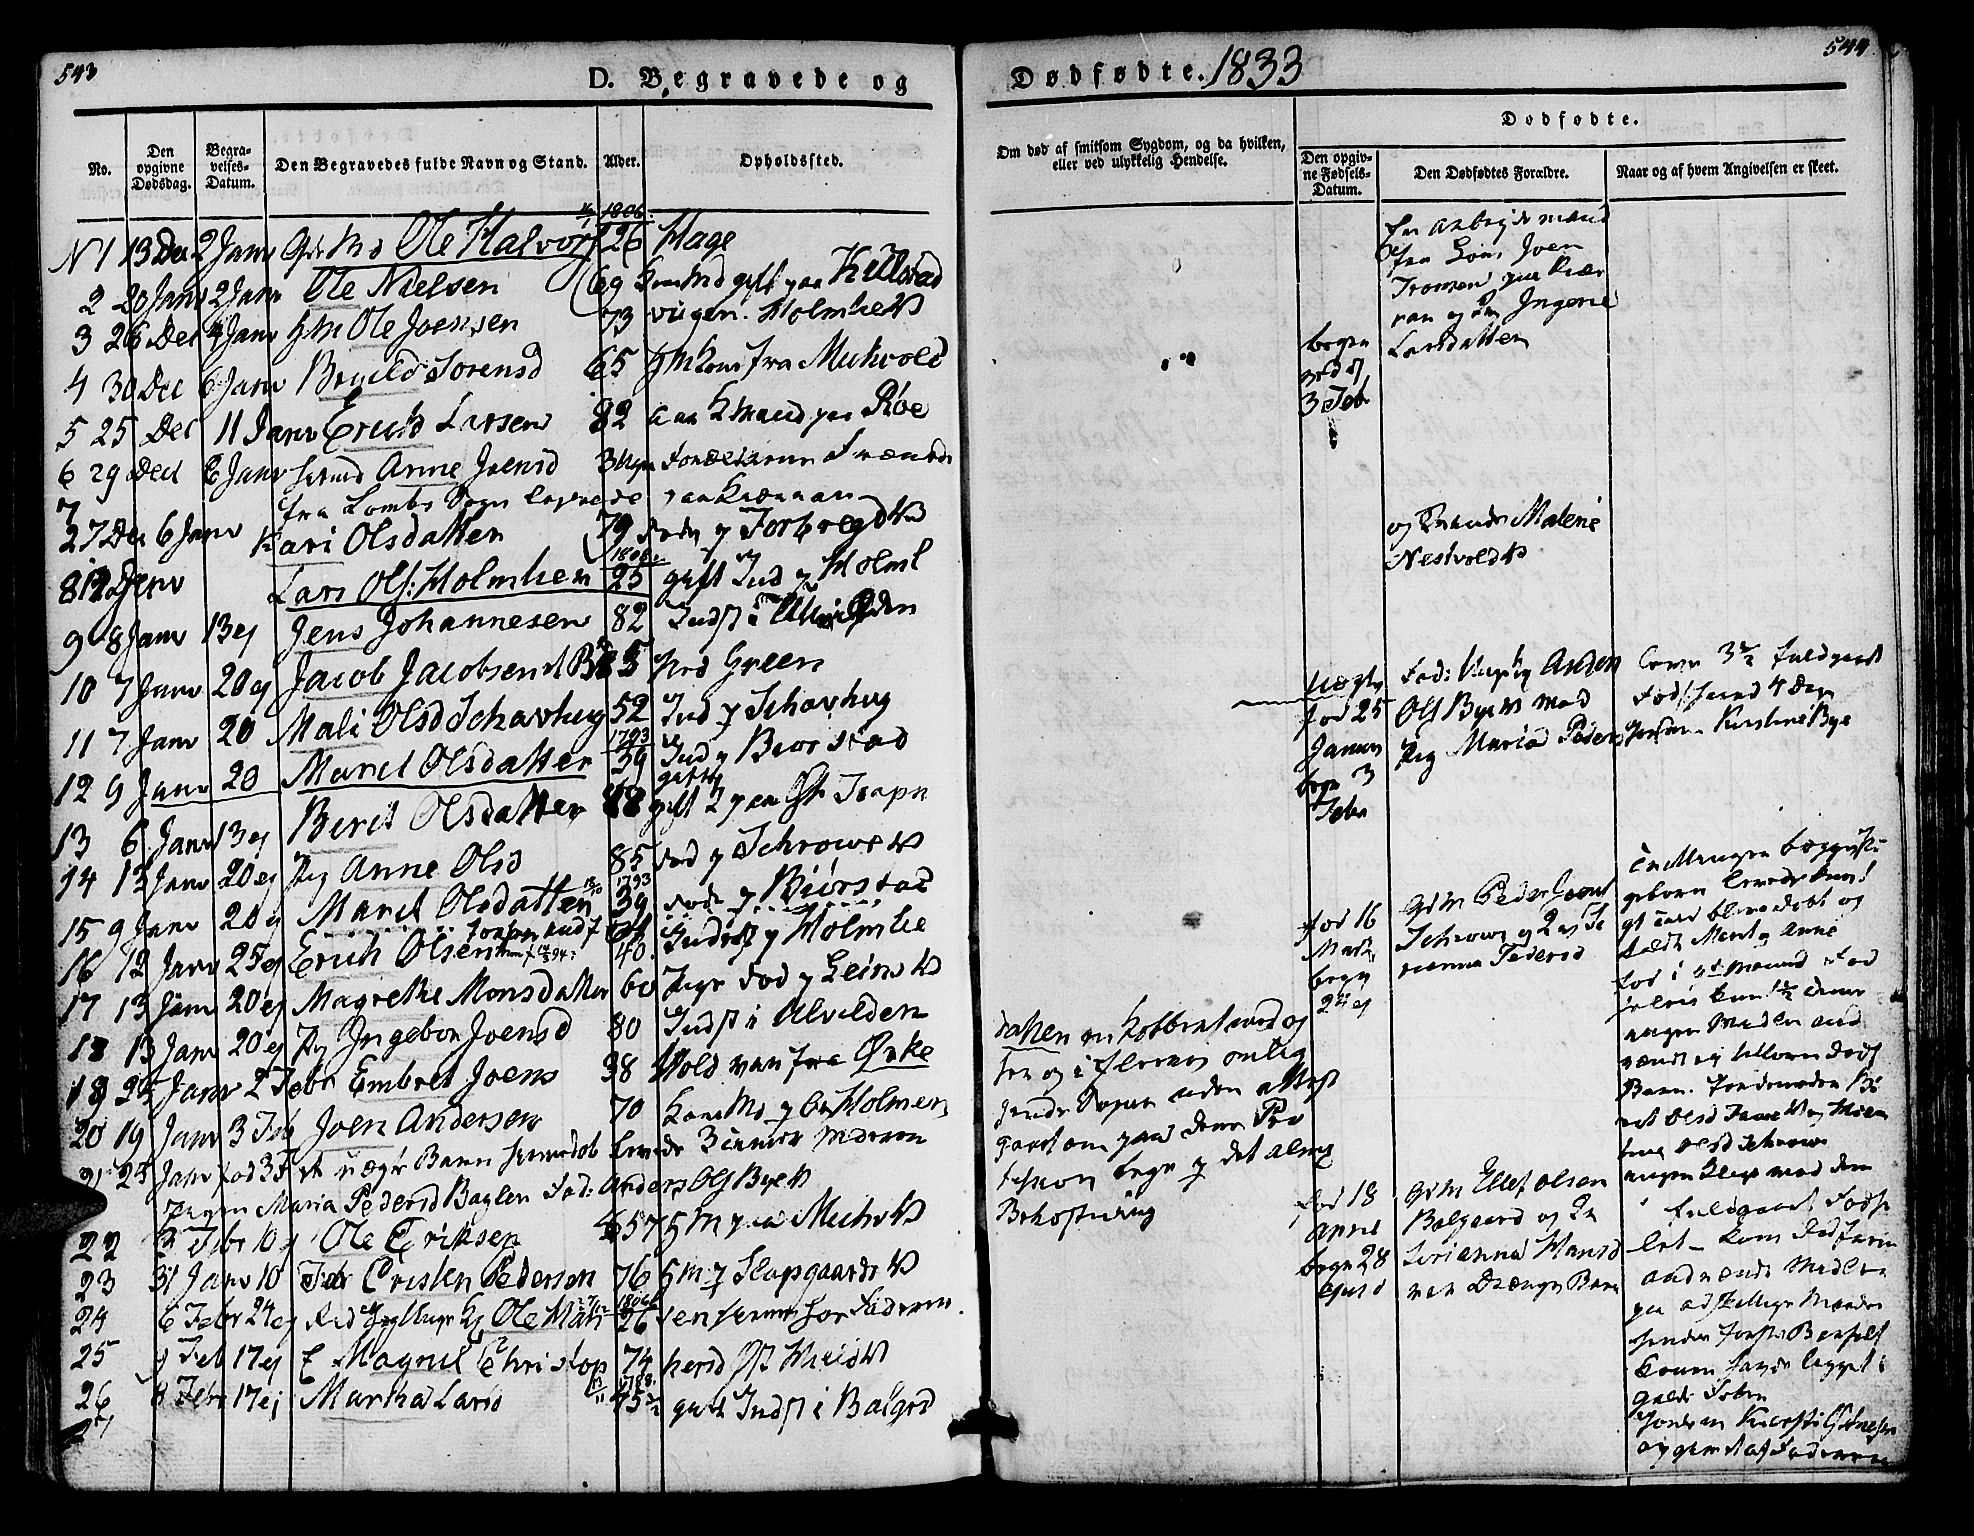 SAT, Ministerialprotokoller, klokkerbøker og fødselsregistre - Nord-Trøndelag, 723/L0238: Ministerialbok nr. 723A07, 1831-1840, s. 543-544